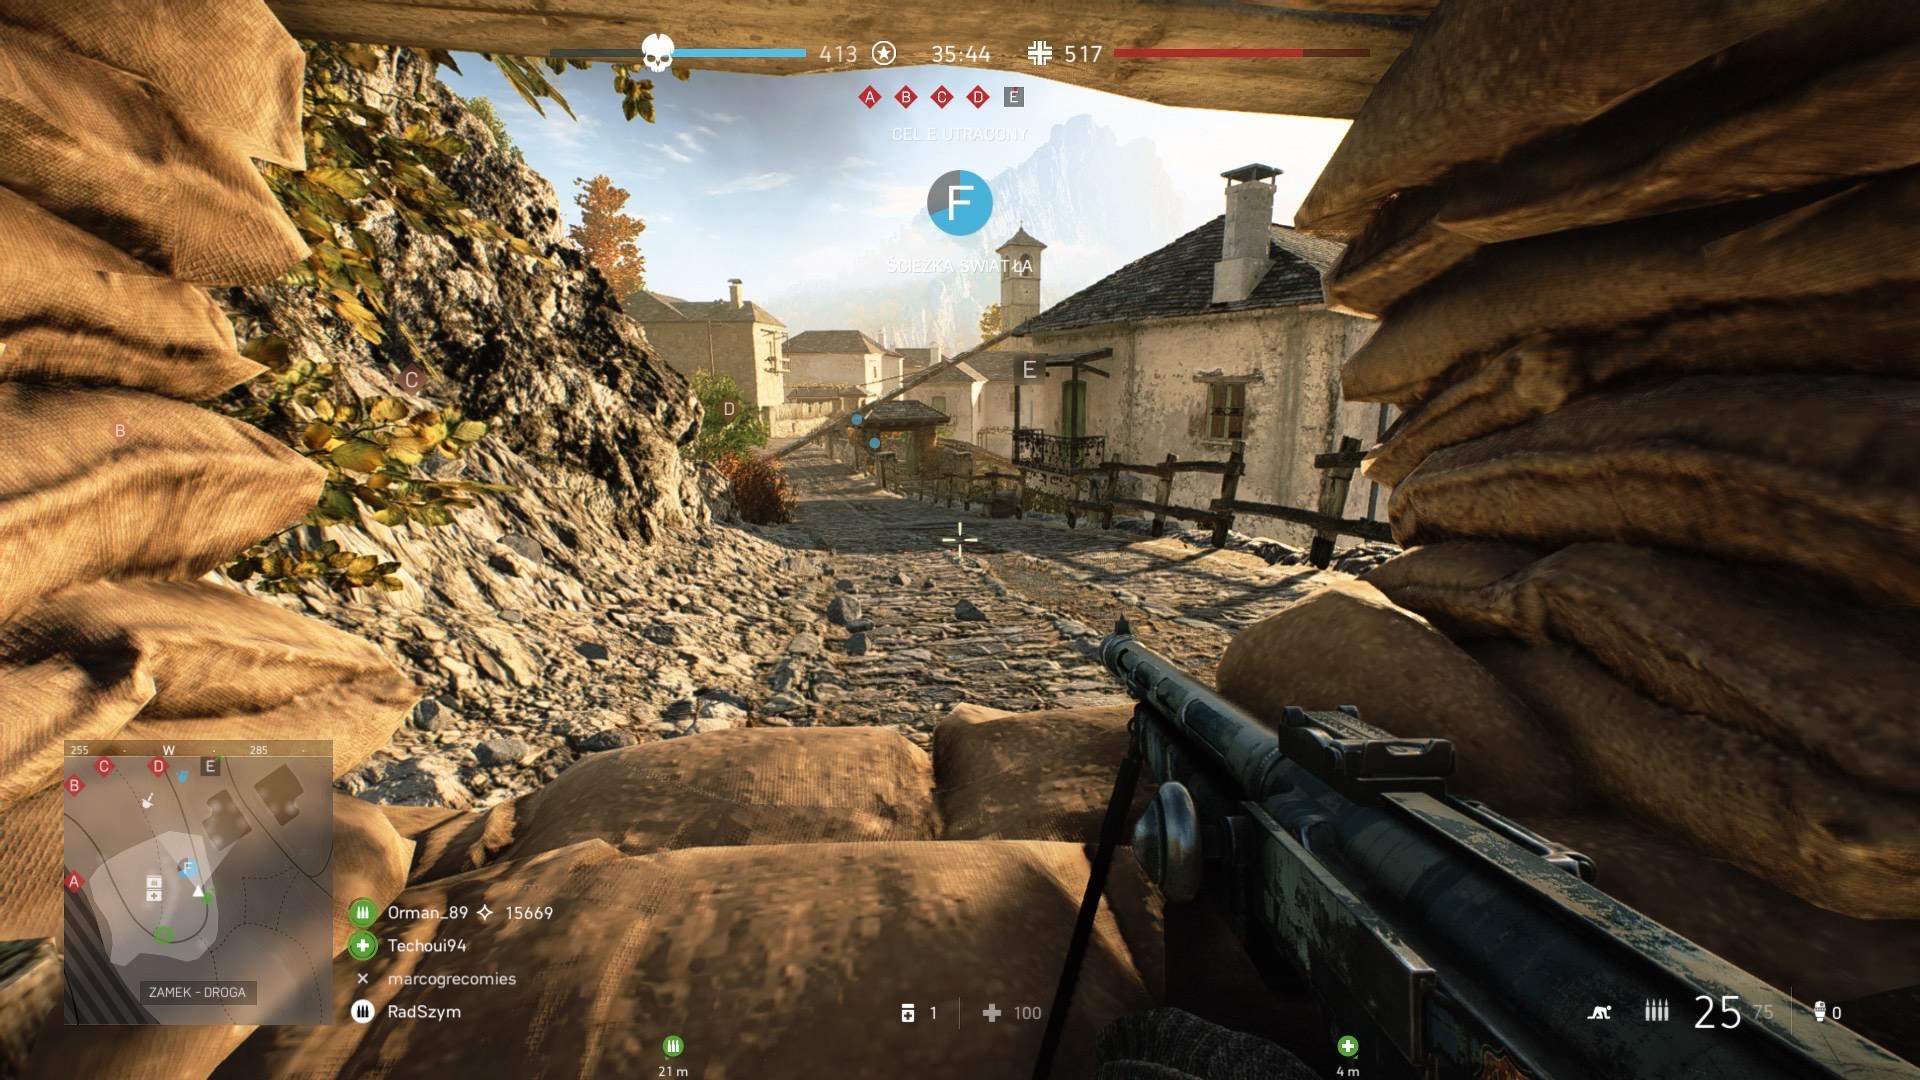 Marita es un nuevo mapa para Battlefield V. No debería sufrir, pero esta es la segunda mejor arena del juego. 2